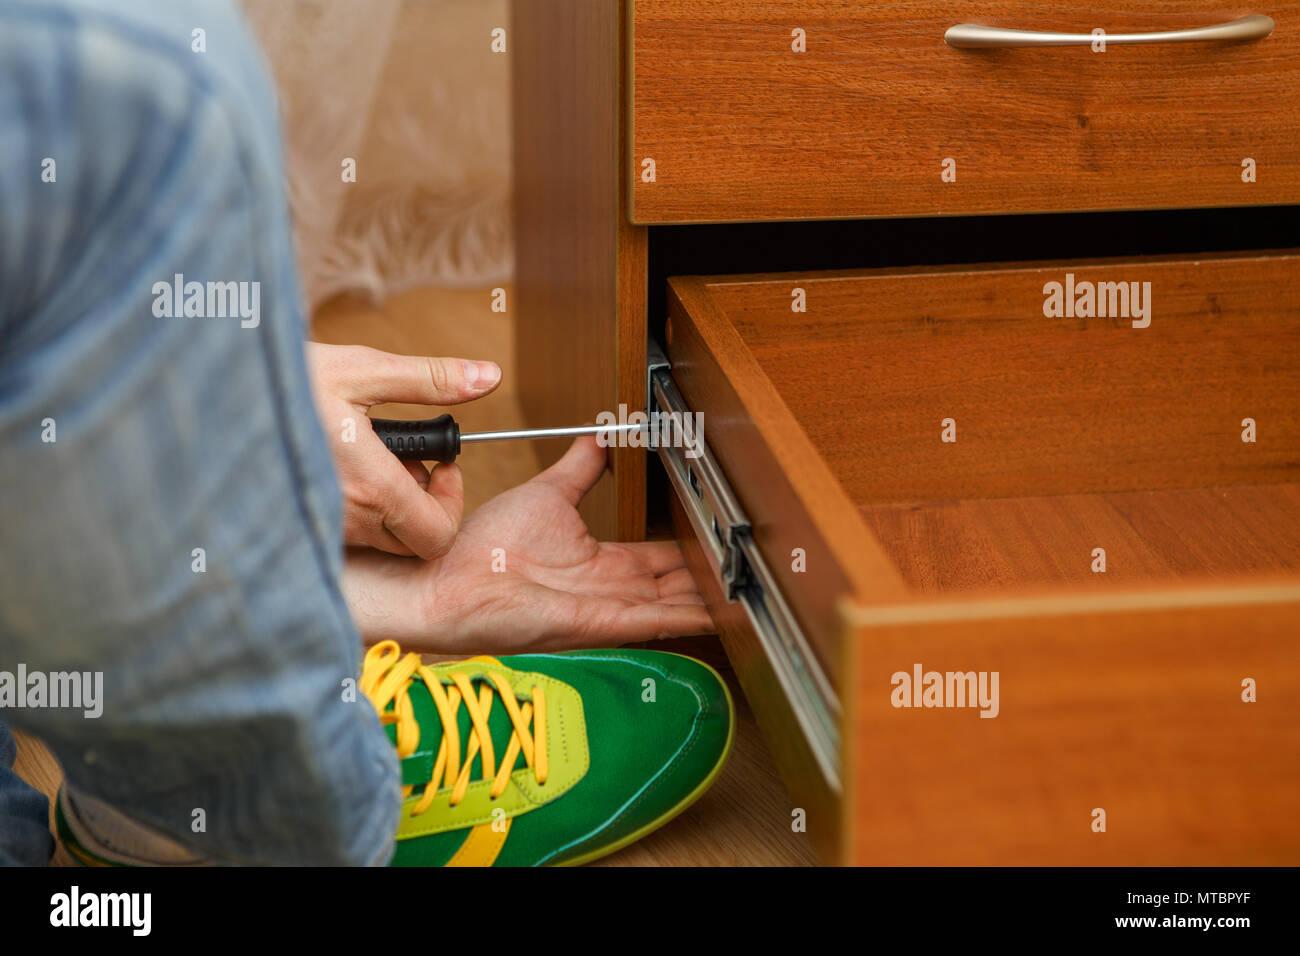 Photo of man picking furniture - Stock Image